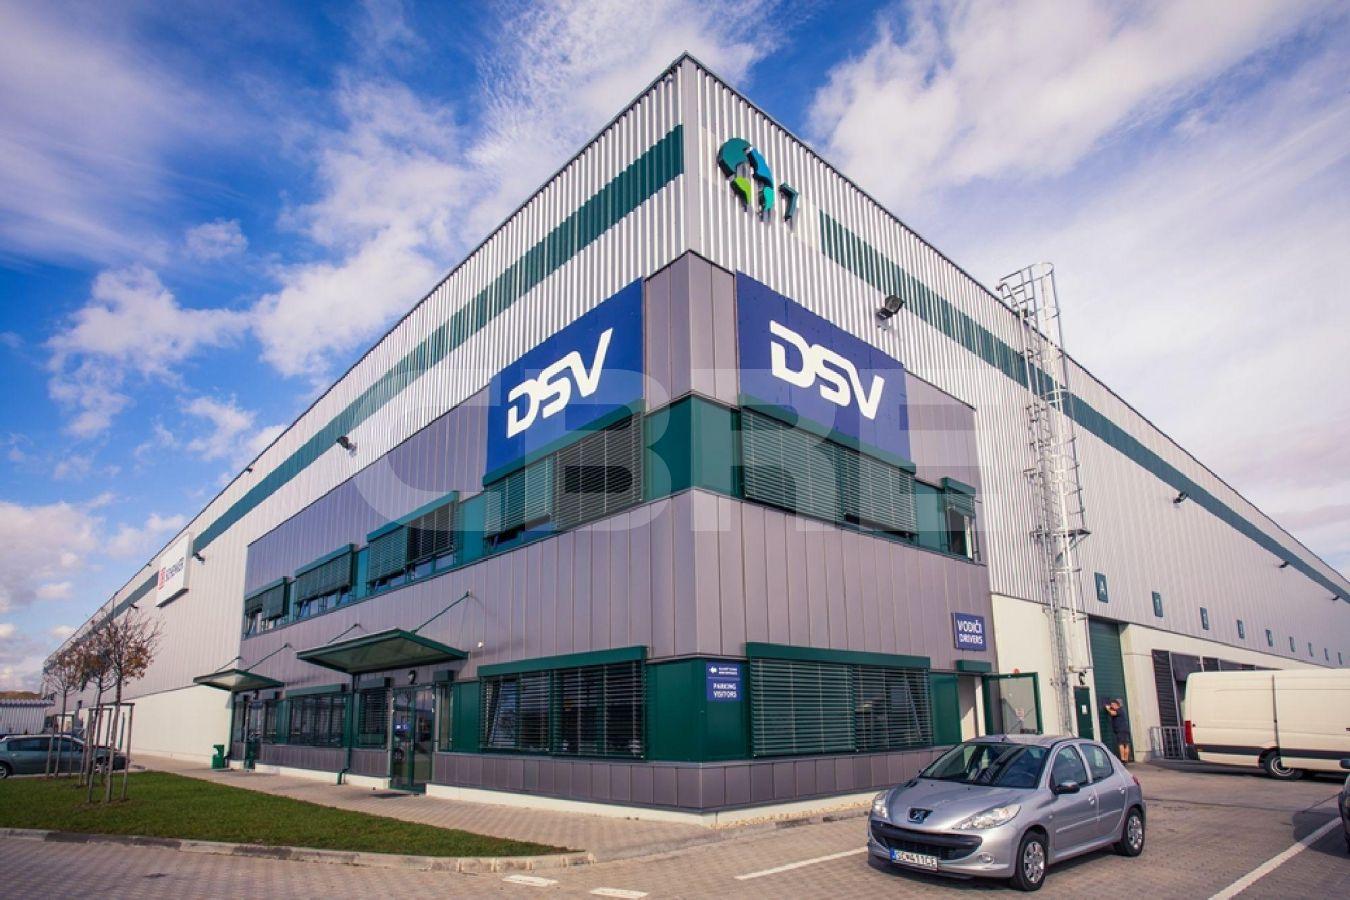 Prologis Park Senec - DC7 8 898 sq m, Bratislava Region, Senec | Warehouses for rent or sale by CBRE | 2